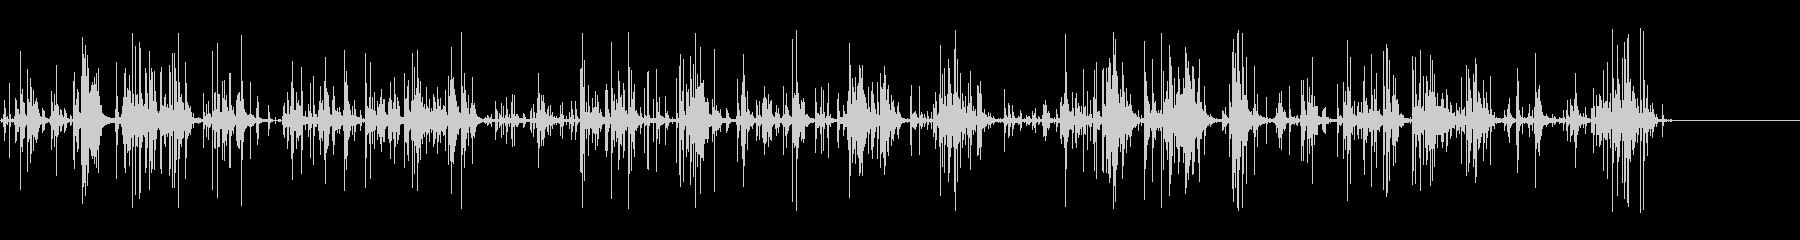 [生音]ビー玉をカチャカチャする01の未再生の波形